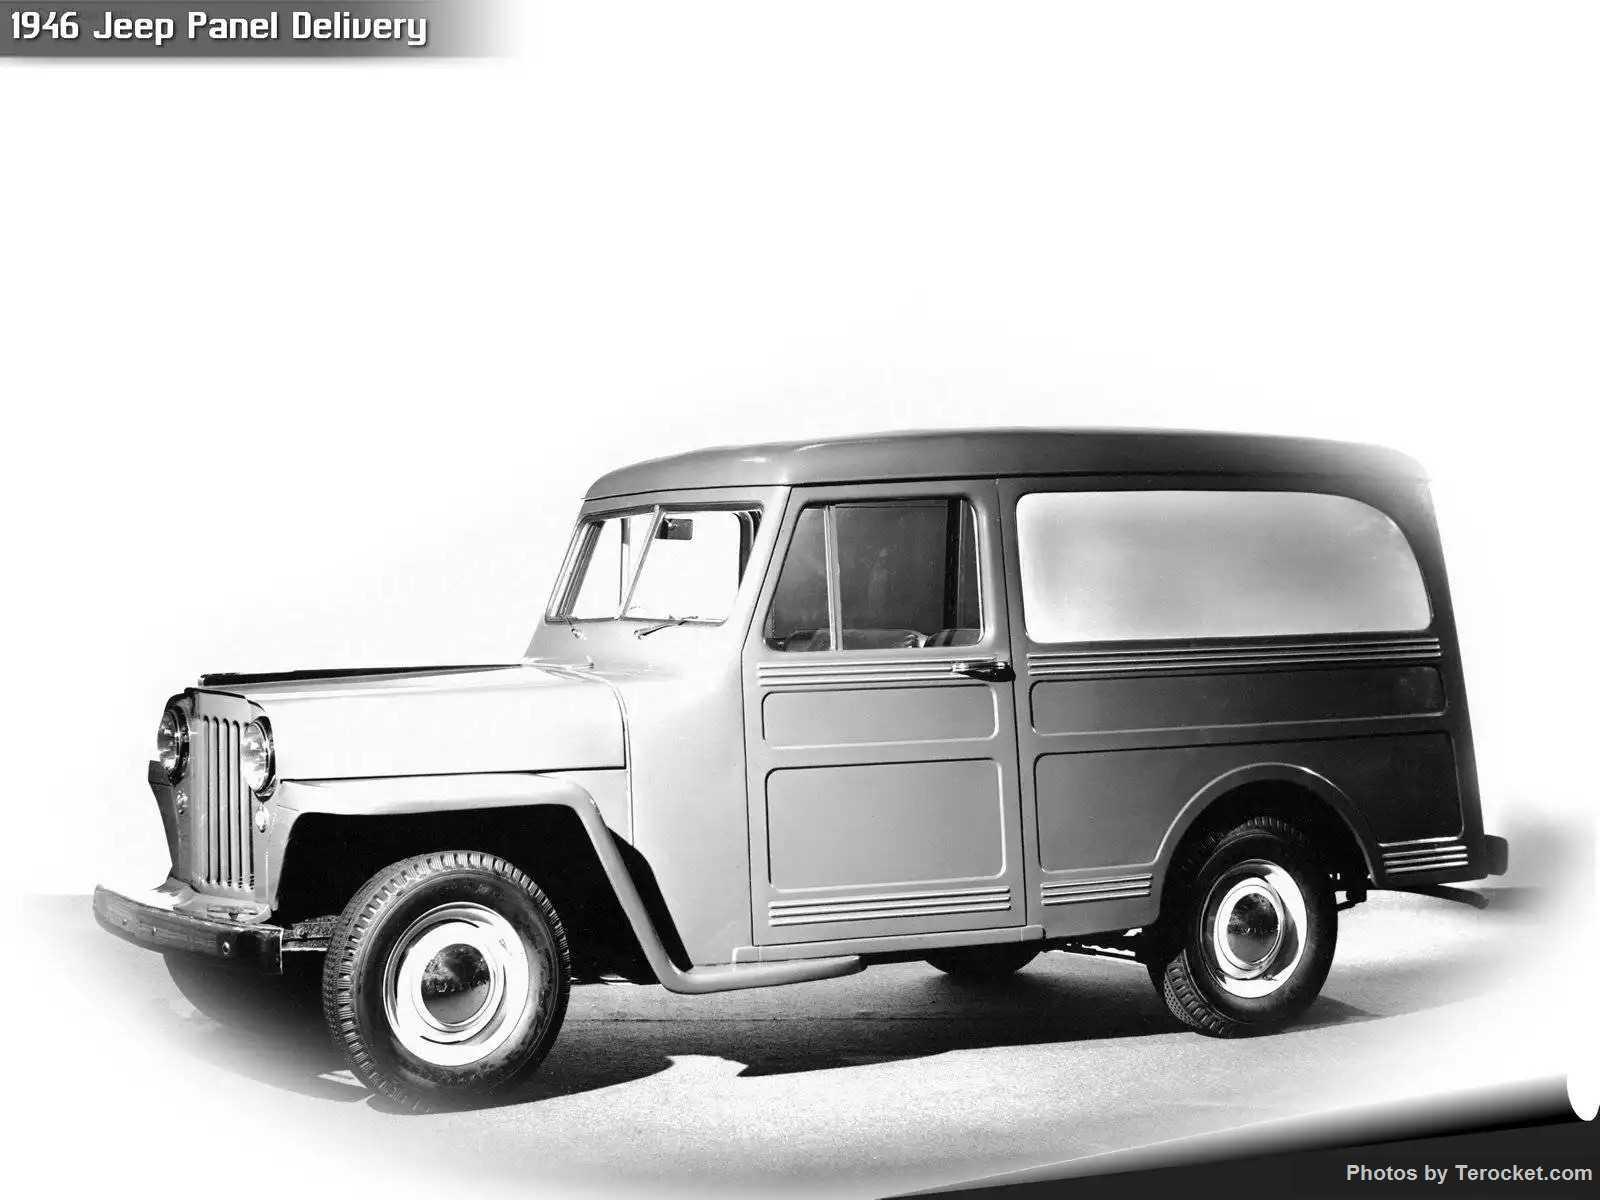 Hình ảnh xe ô tô Jeep Panel Delivery 1946 & nội ngoại thất